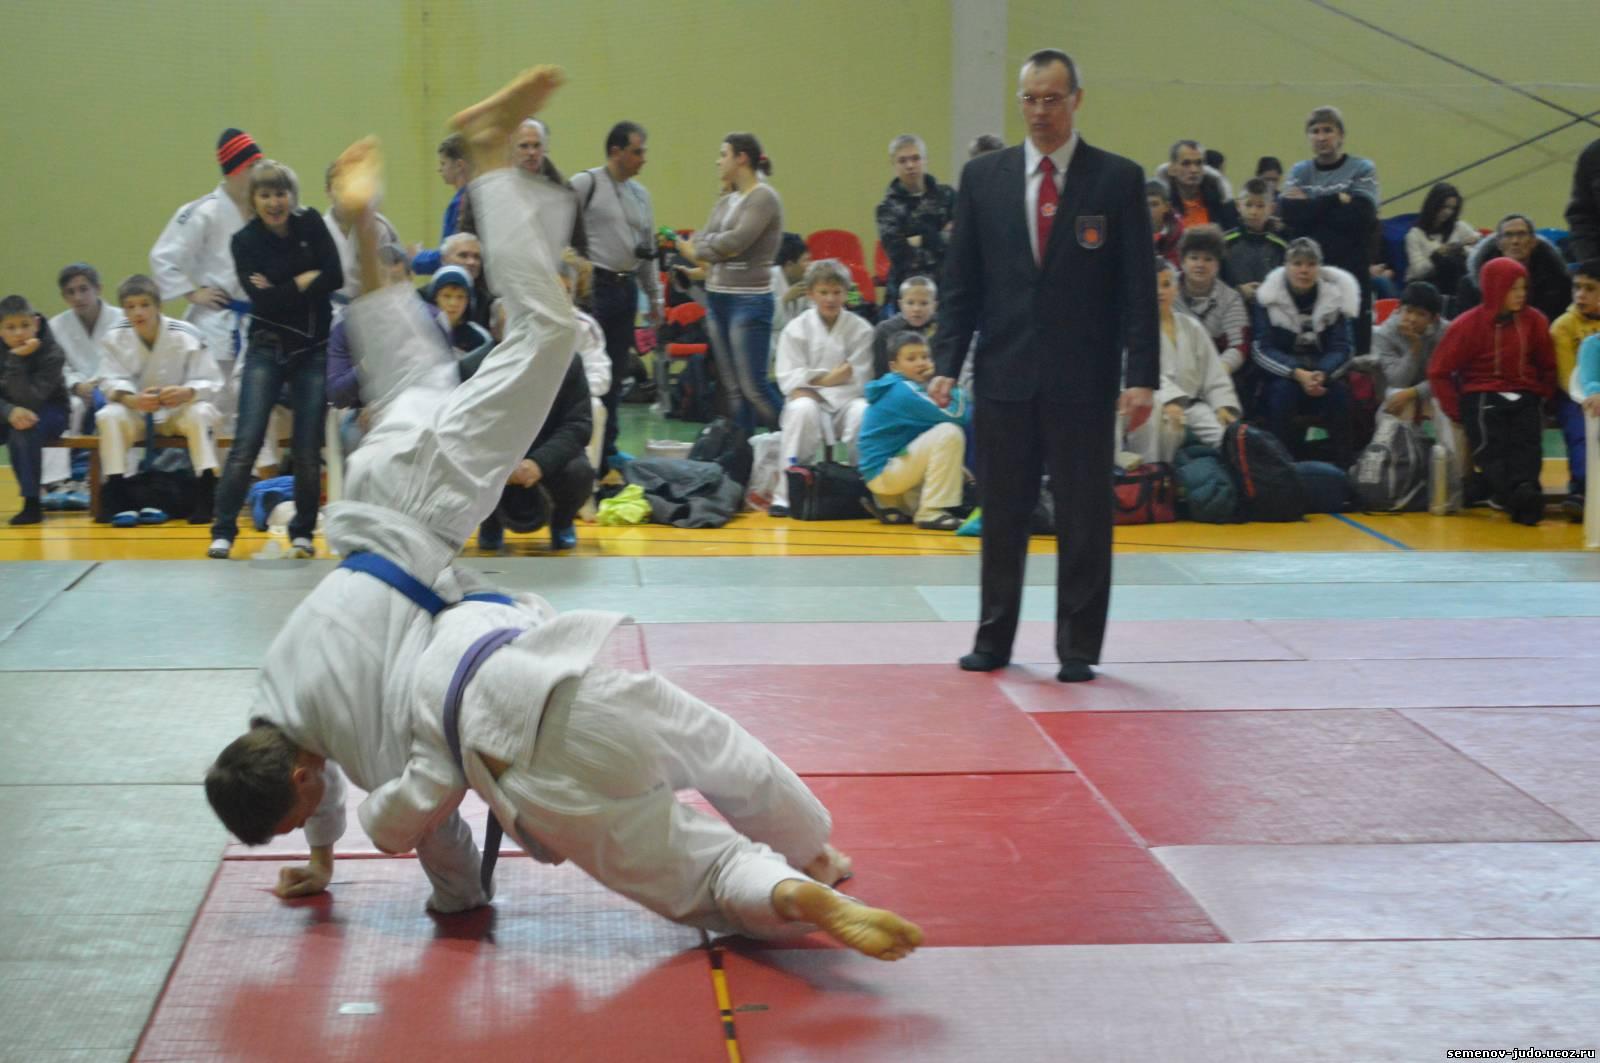 главная российское дзюдо федерация дзюдо россии будет работать максимуму